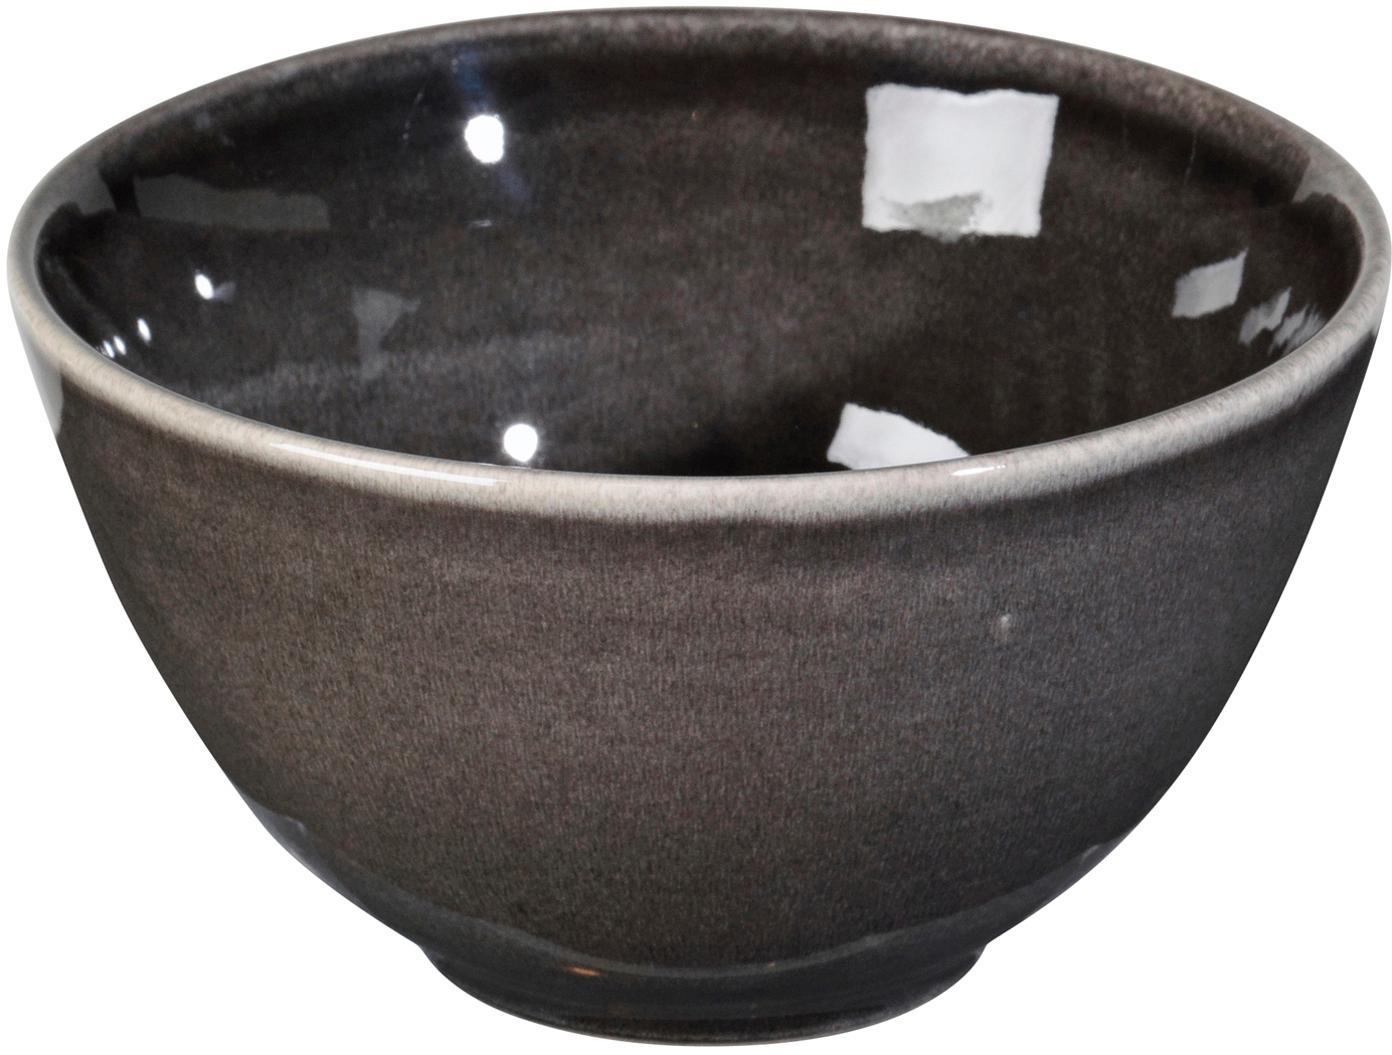 Ciotola in terracotta fatta a mano Nordic Coal 4 pz, Terracotta, Marrone scuro, Ø 15 x Alt. 8 cm